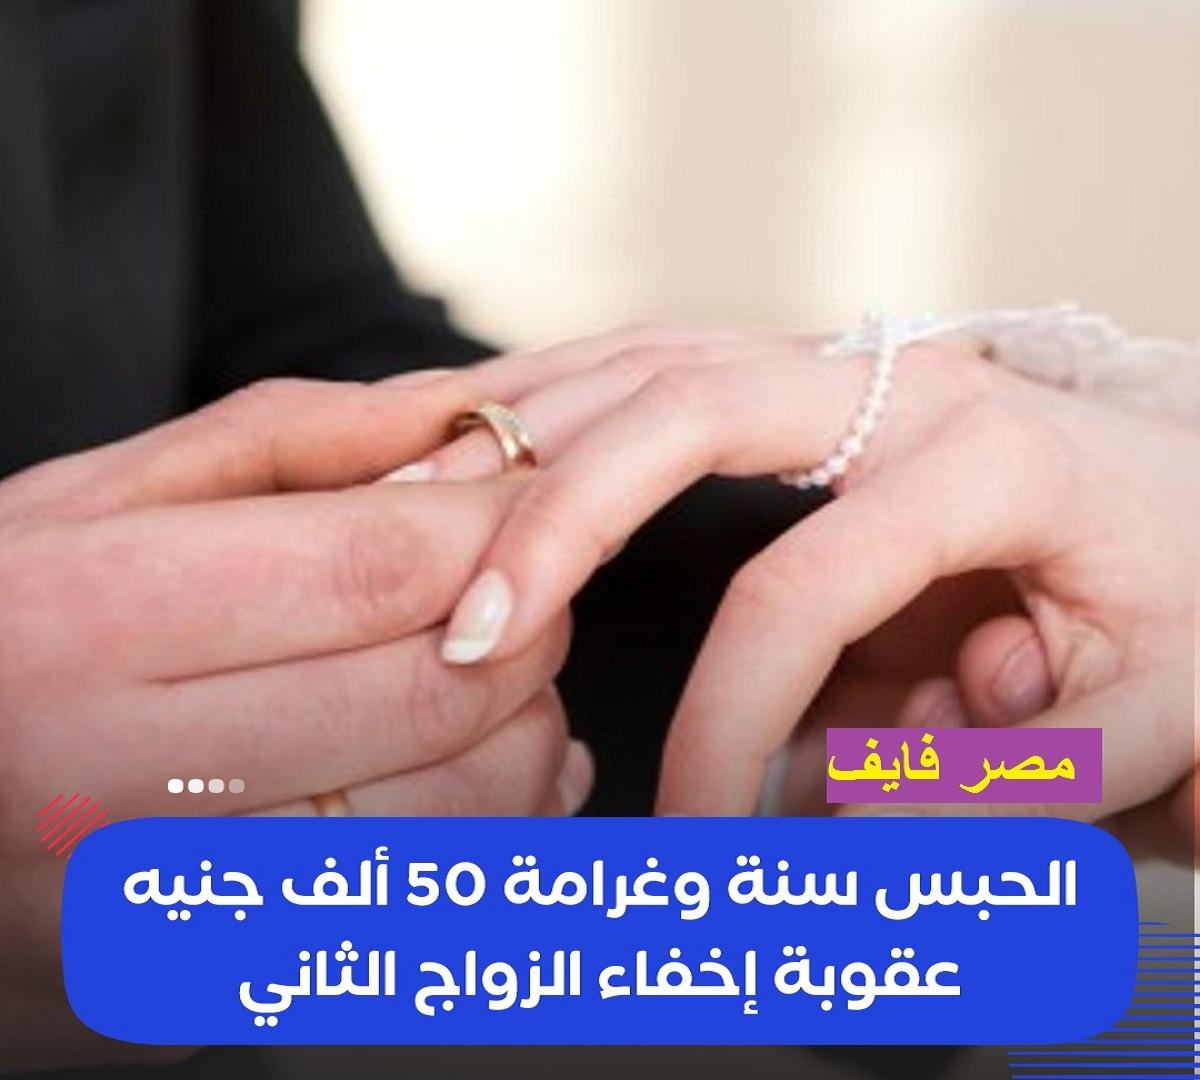 مشروع قانون الأحوال الشخصية الجديد 2021.. حبس الزوج سنة و50 ألف جنيه غرامة حال إخفاء الزوجة الثانية